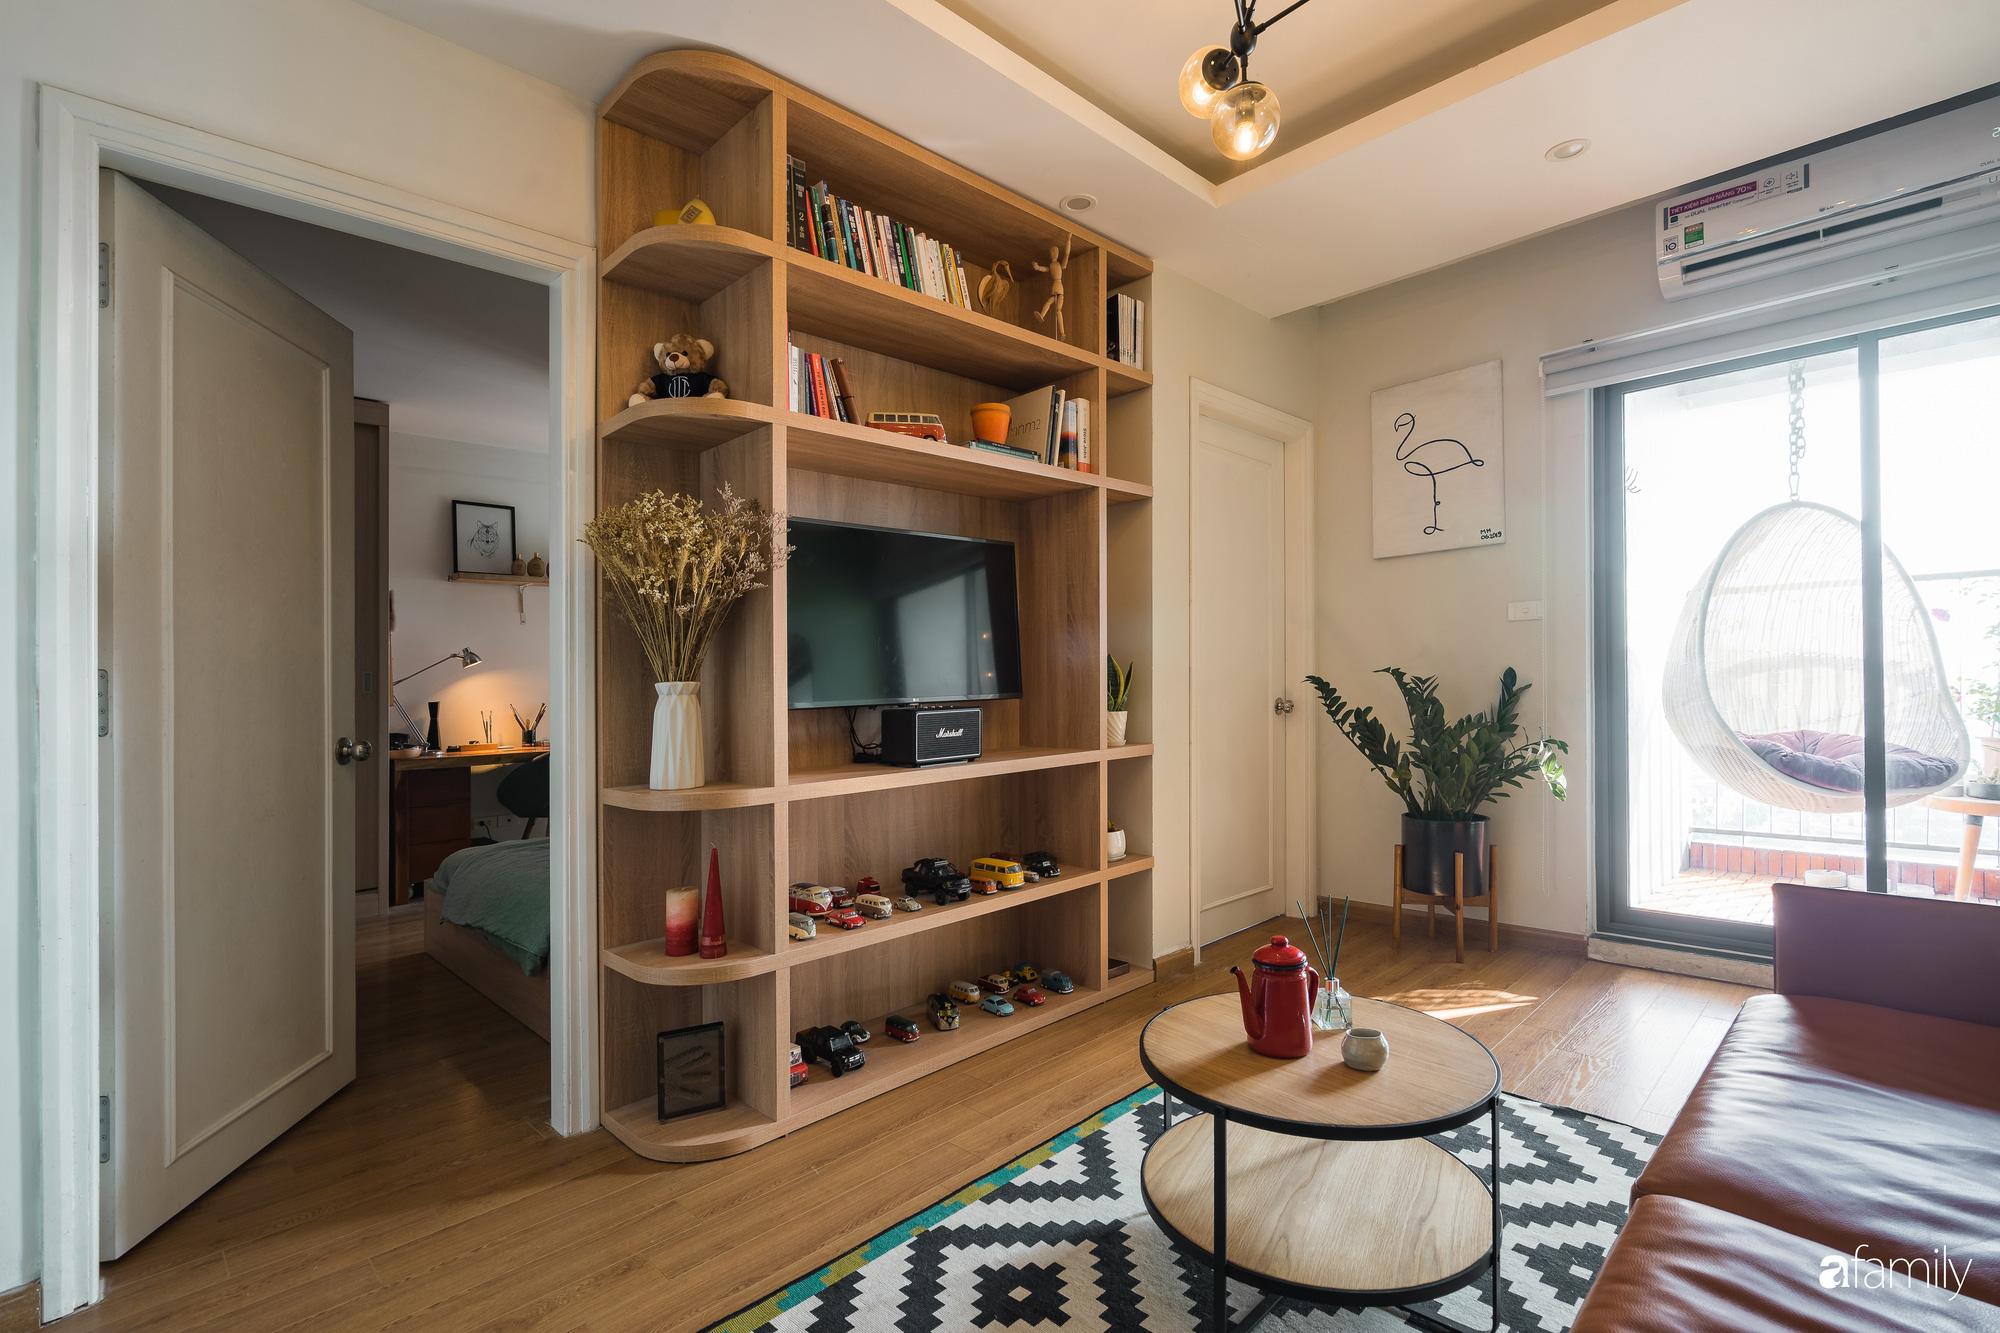 Căn hộ 60m2 với thiết kế tiện nghi, thoải mái cho vợ chồng trẻ cùng thú cưng có chi phí 50 triệu đồng ở Hà Nội - Ảnh 5.